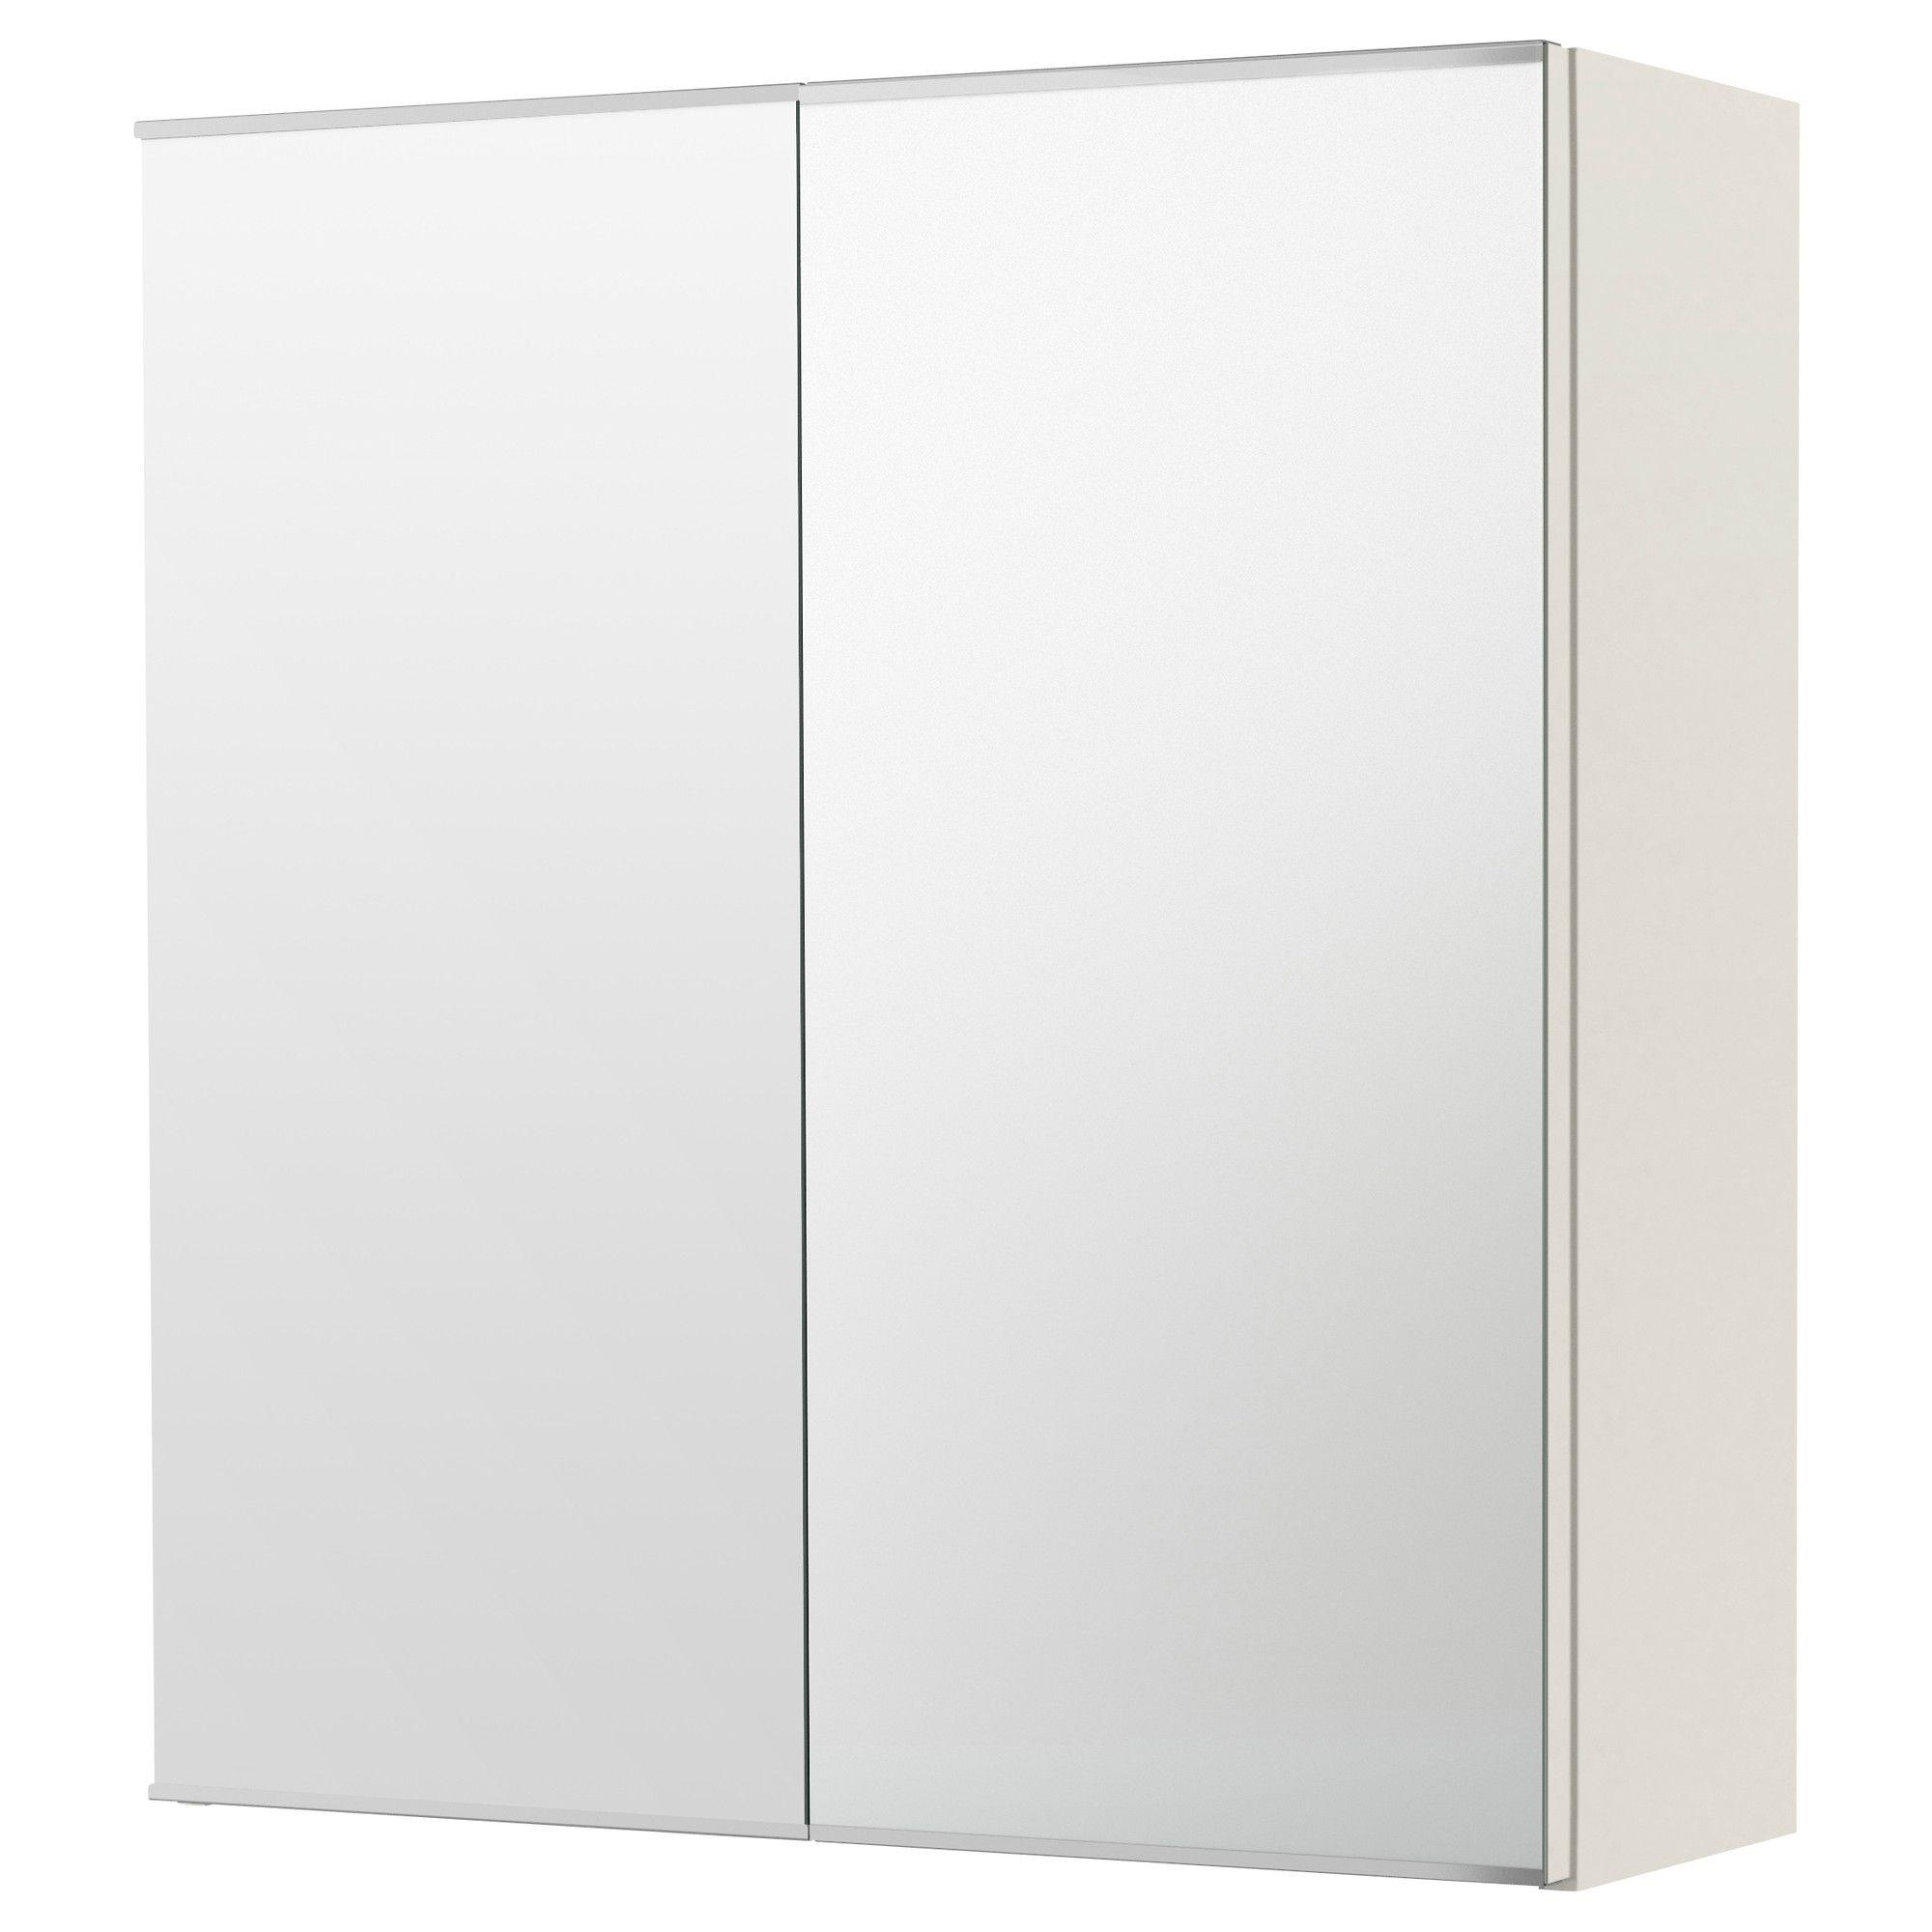 LILLÅNGEN Peilikaappi 2 ovea - valkoinen - IKEA